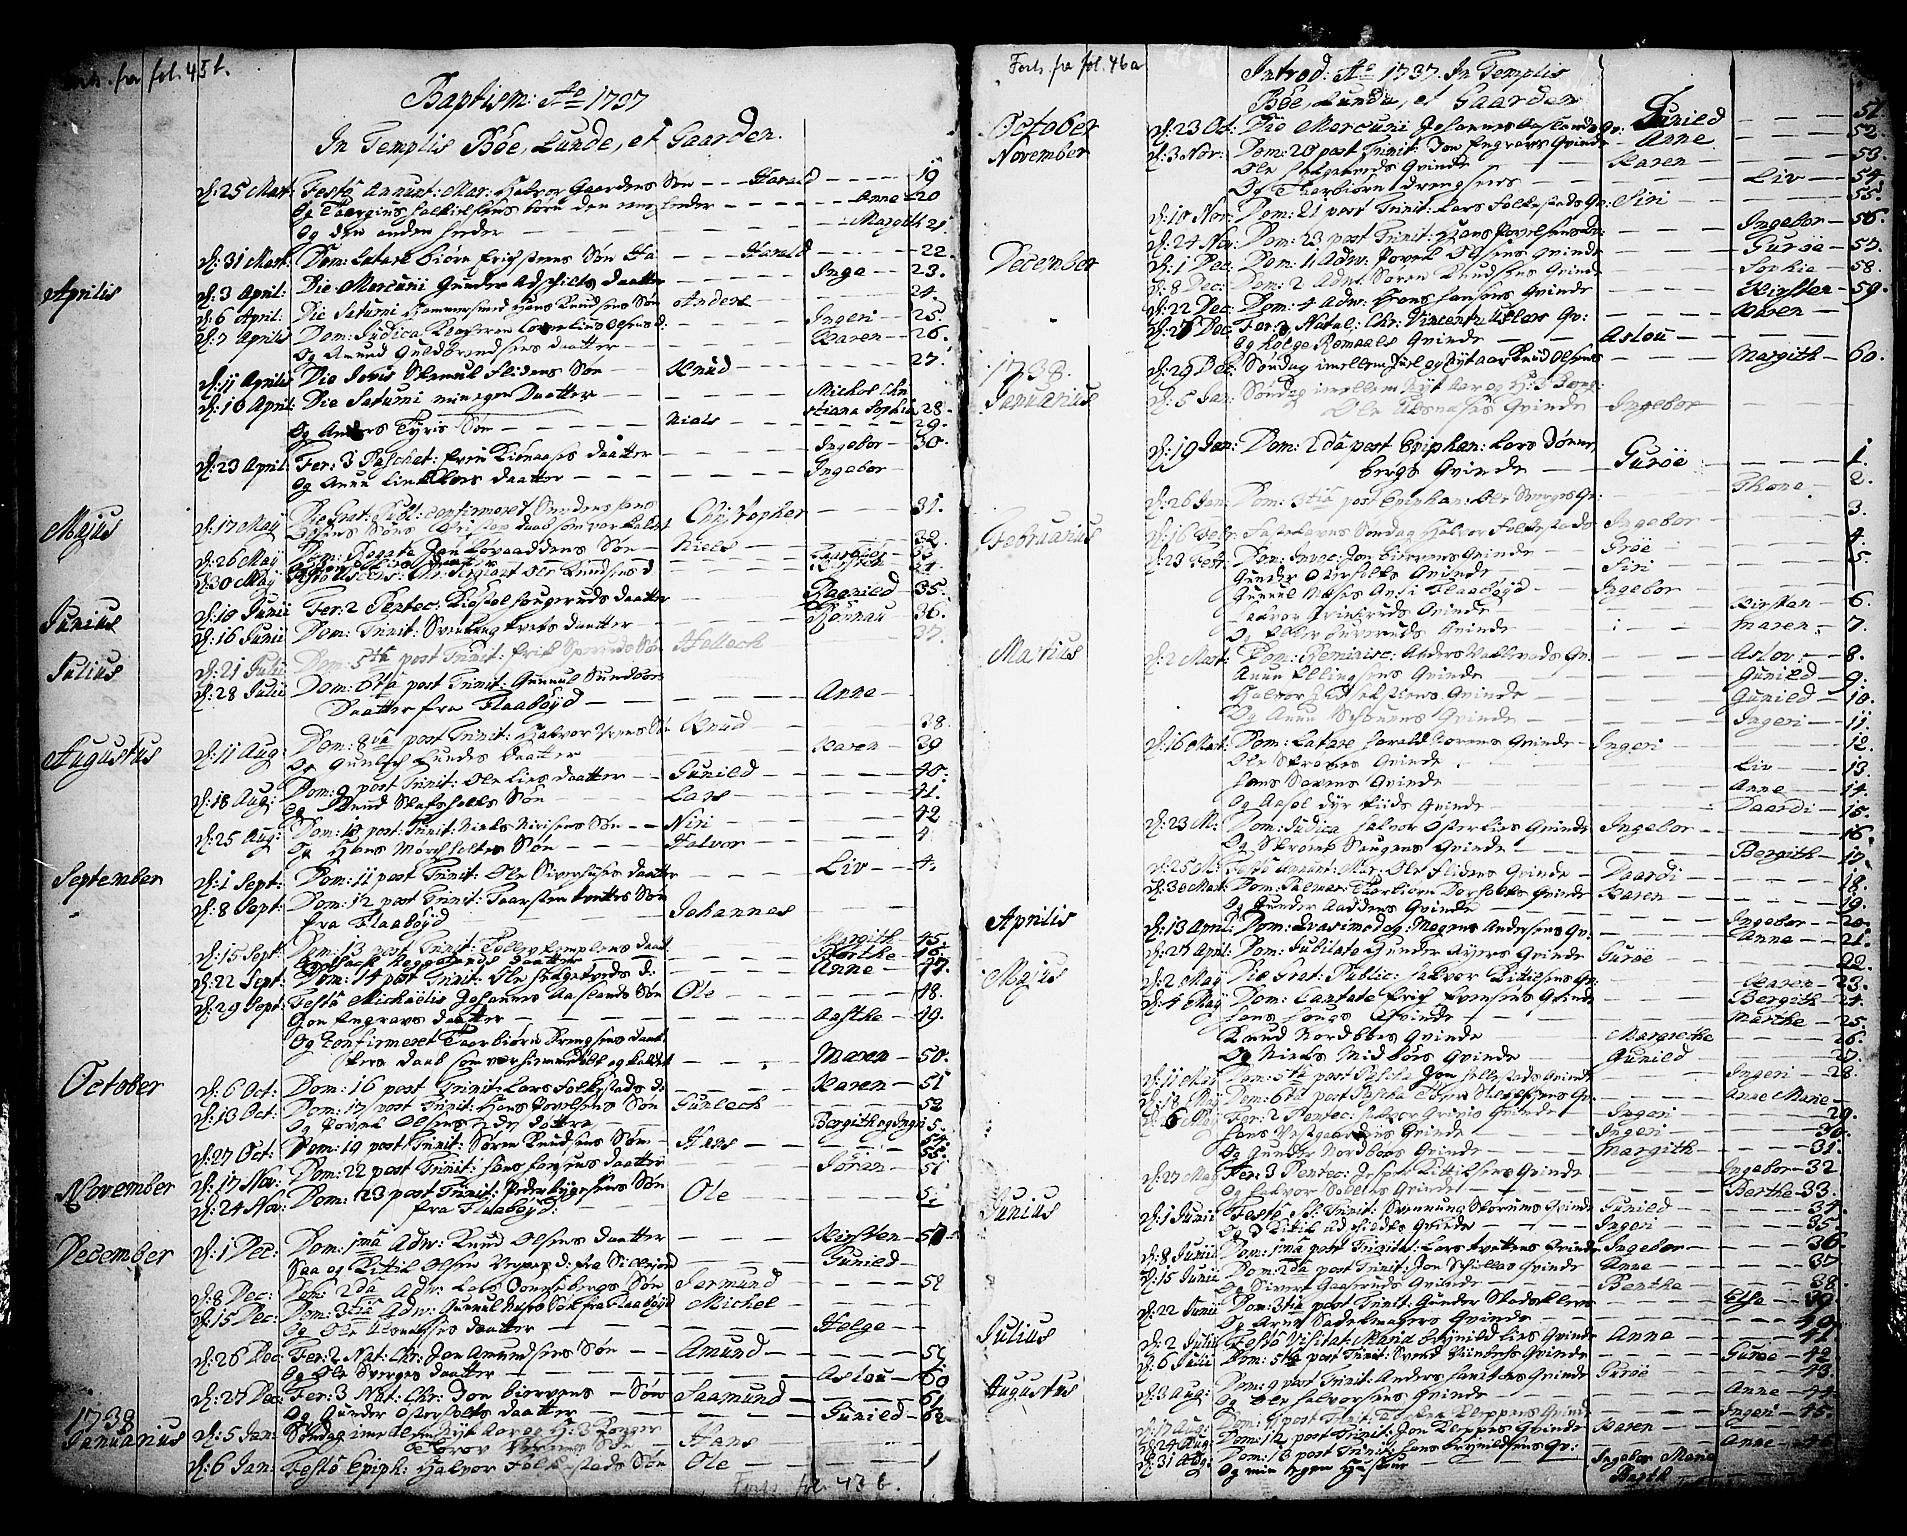 SAKO, Bø kirkebøker, F/Fa/L0003: Ministerialbok nr. 3, 1733-1748, s. 47